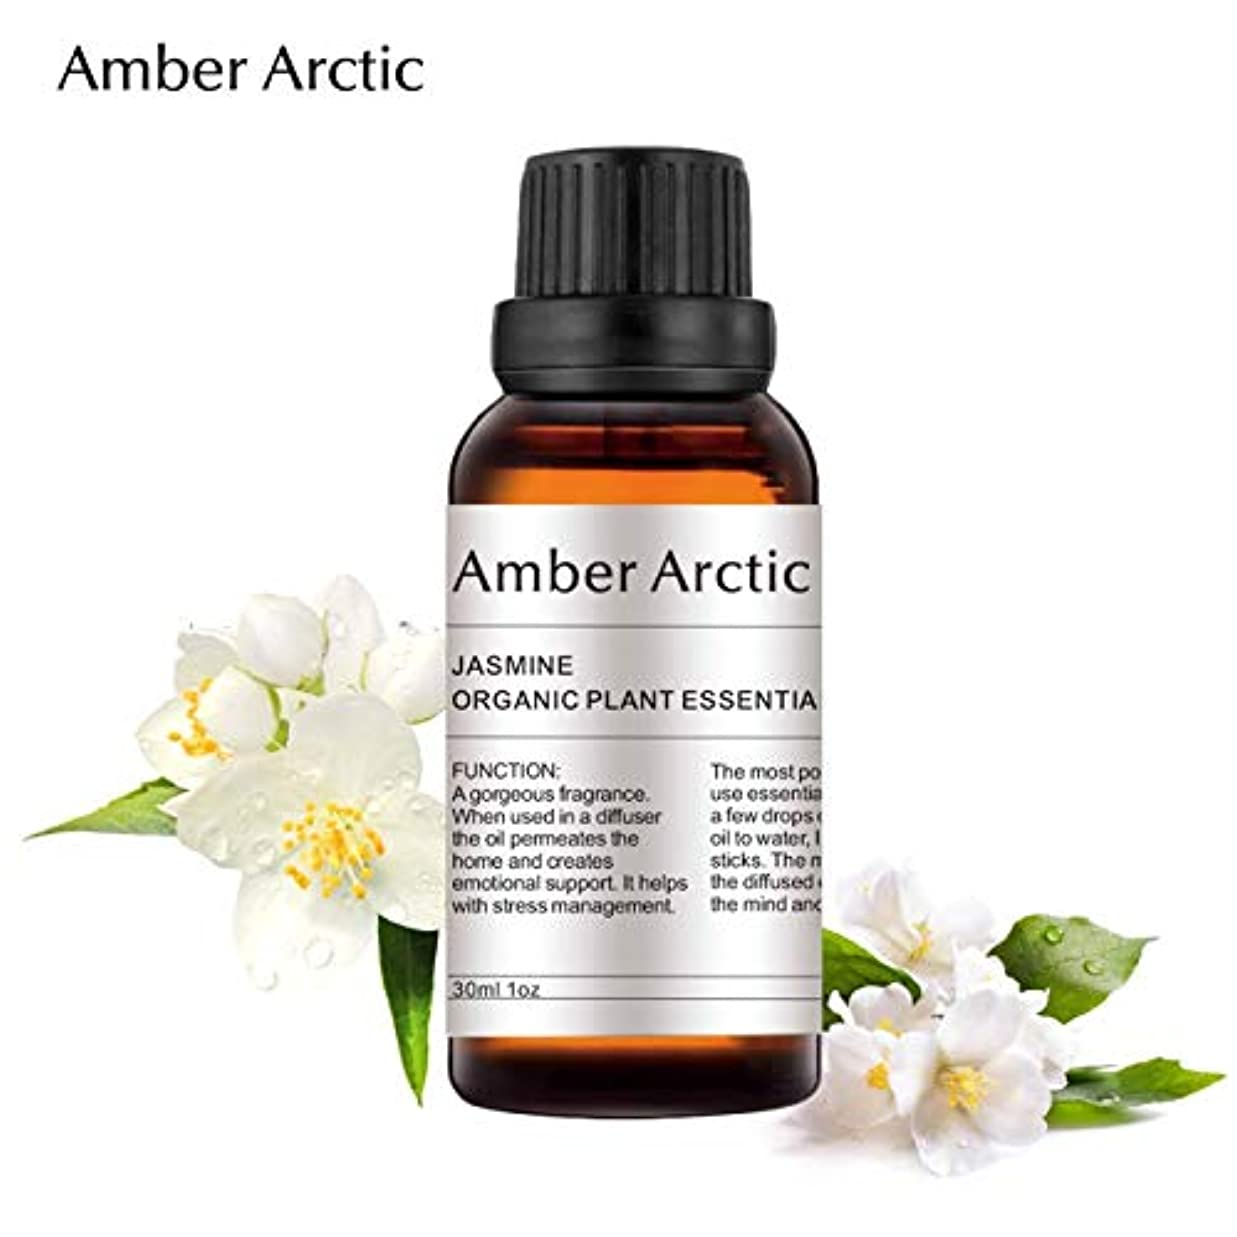 ドナー強い役員AMBER ARCTIC エッセンシャル オイル ディフューザー 用 100% 純粋 新鮮 有機 植物 セラピー オイル 30Ml ジャスミン ジャスミン